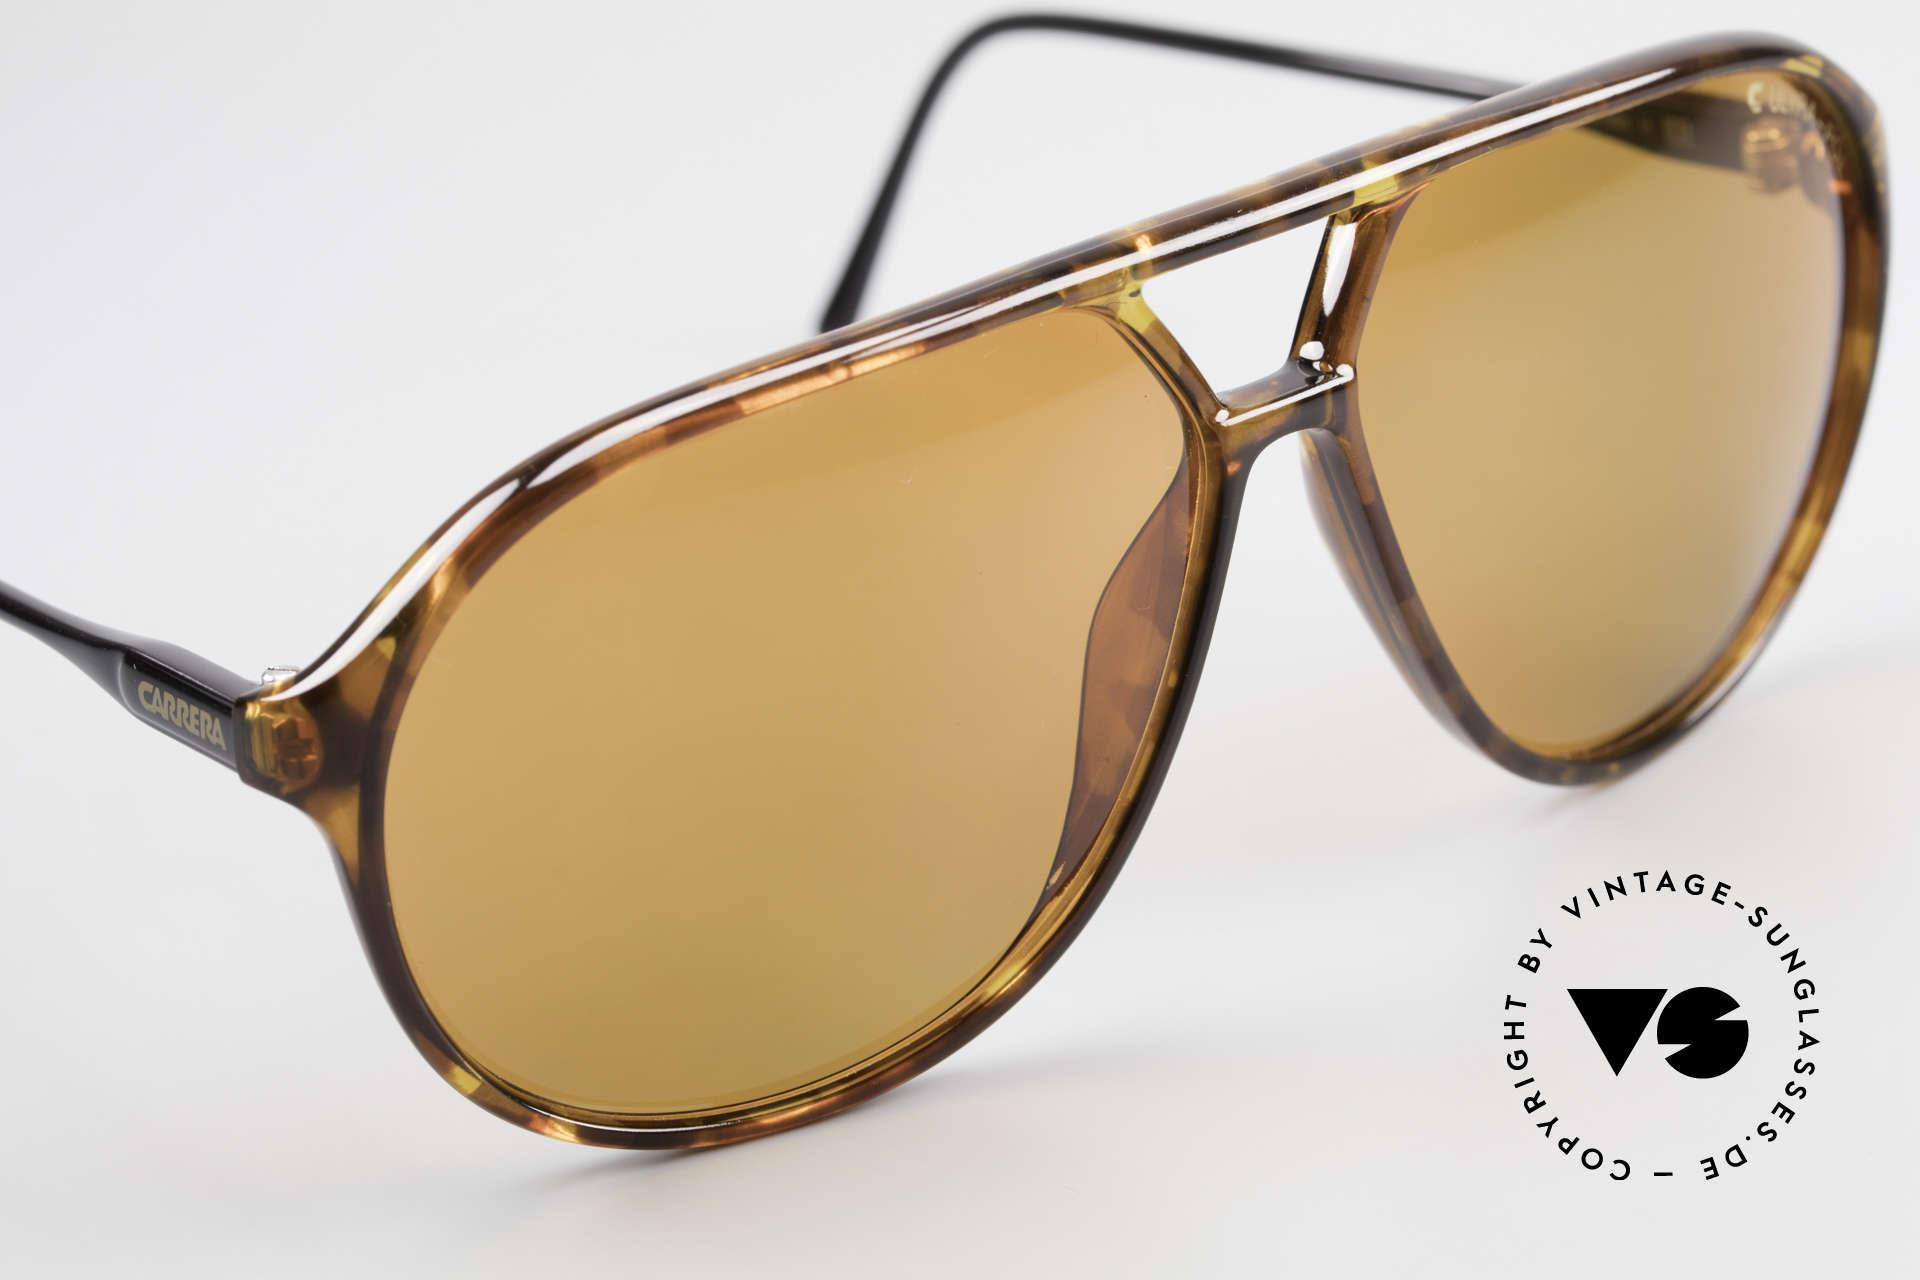 Carrera 5425 Sonnenbrille Polarisierend 80s, ungetragen (wie alle unsere alten Optyl Carrera Brillen), Passend für Herren